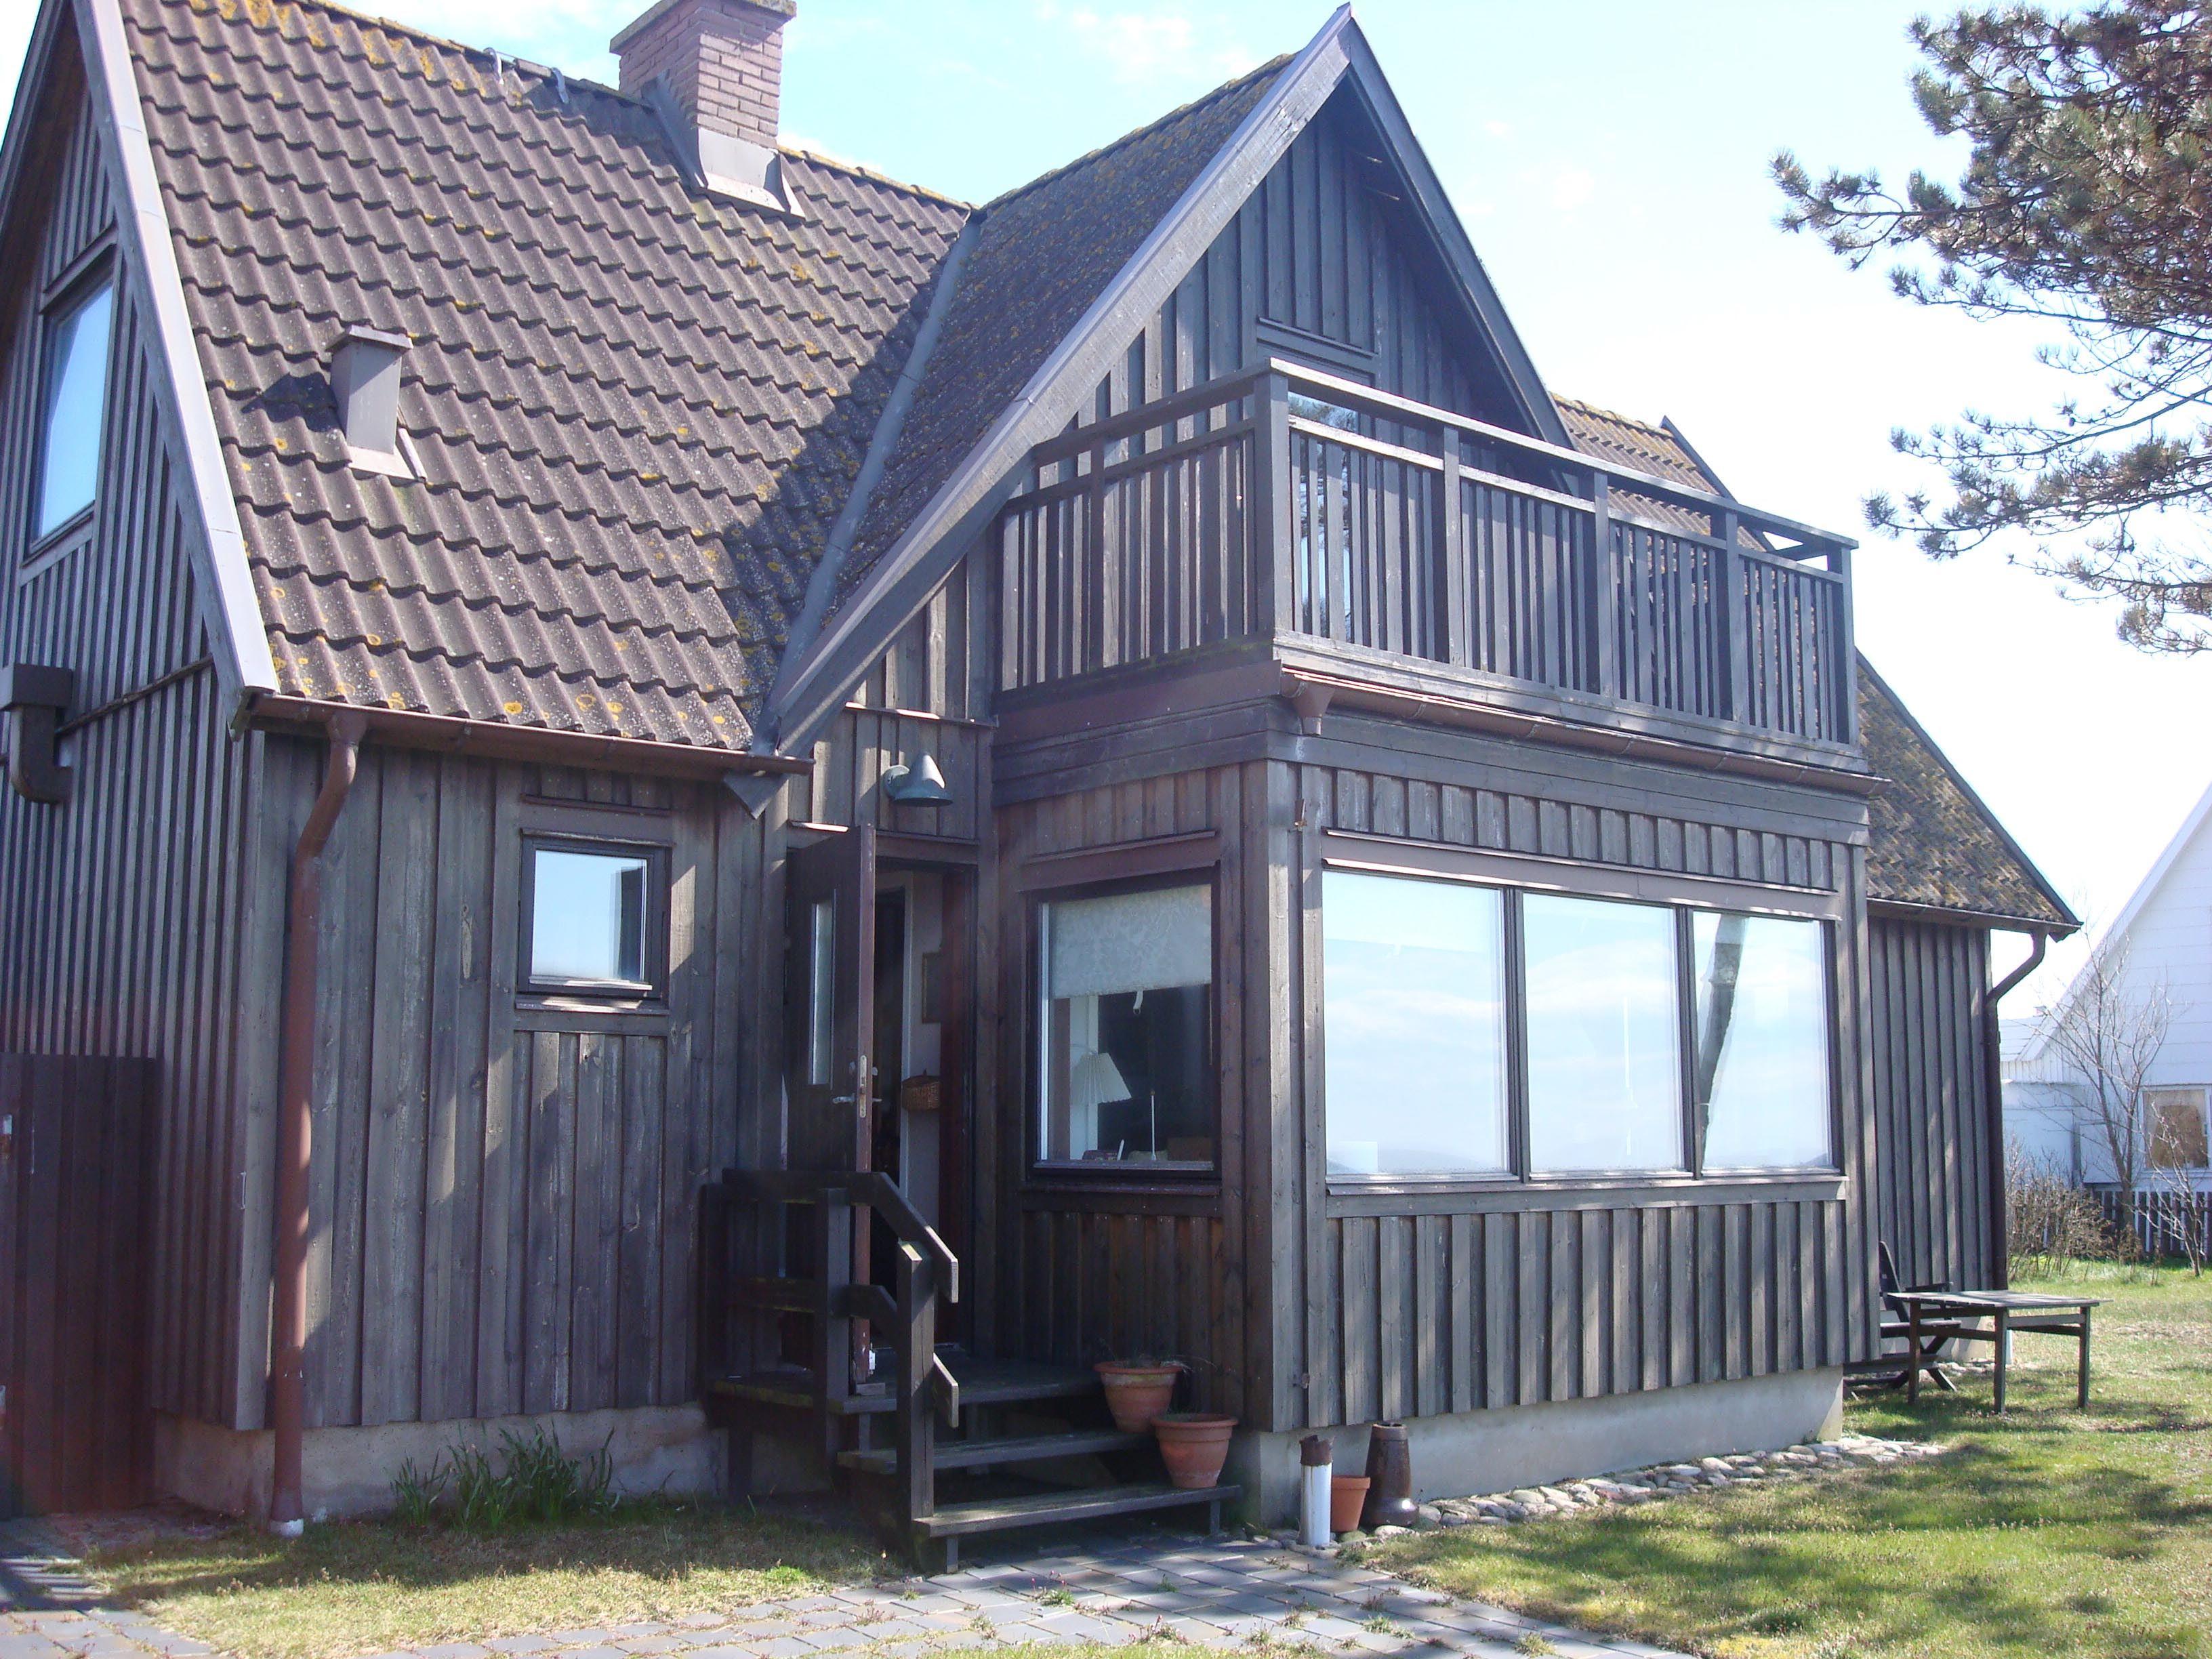 KI3007Strandbaden, Höganäs